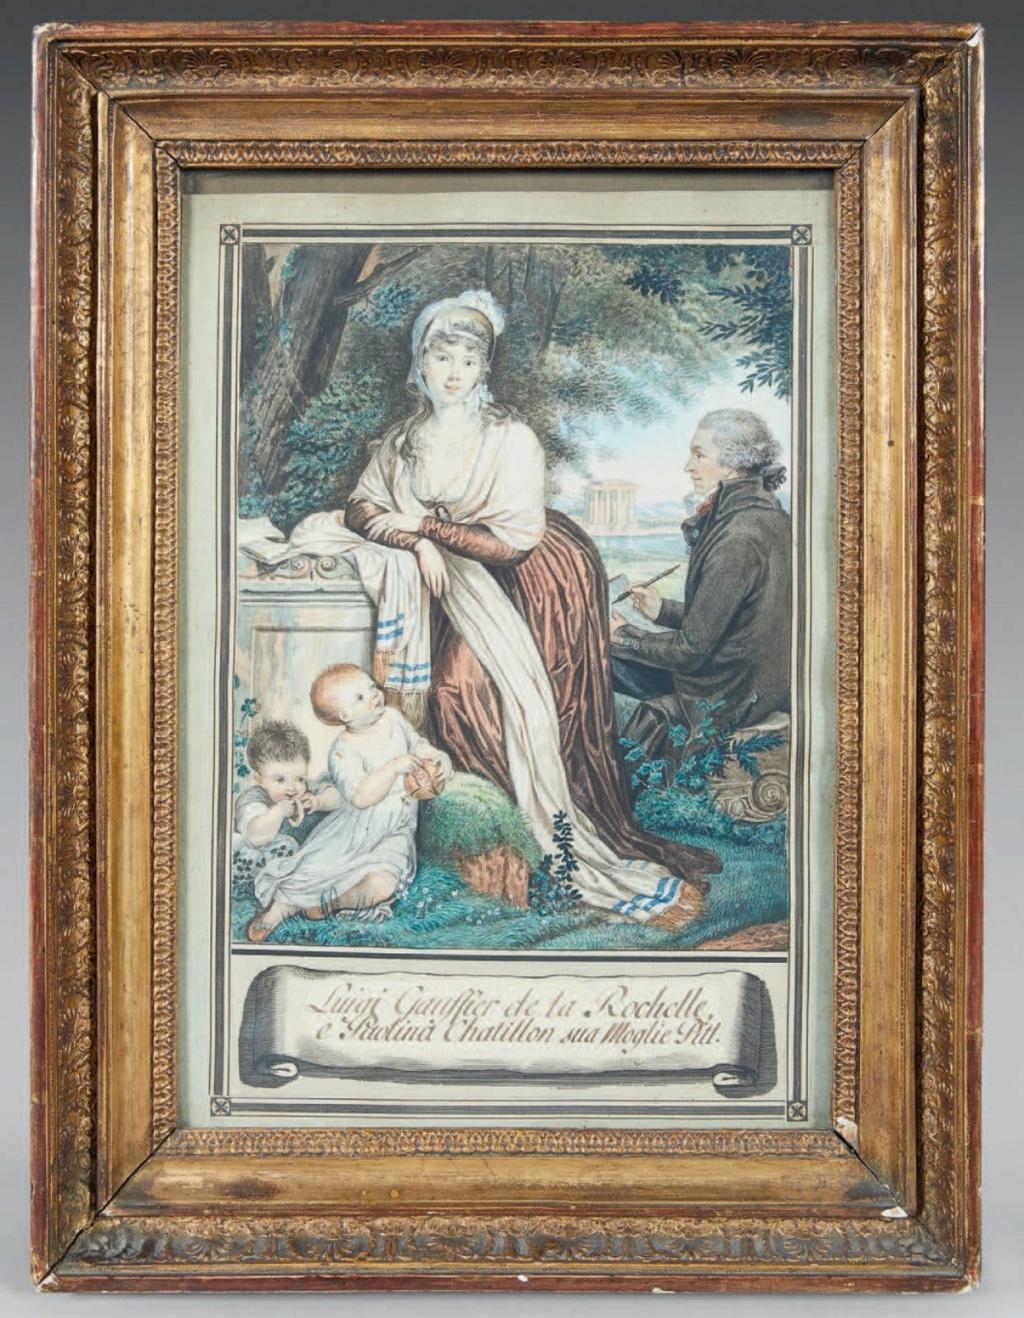 Louis Gauffier (1762-1801), peintre français installé en Italie 92d51c10